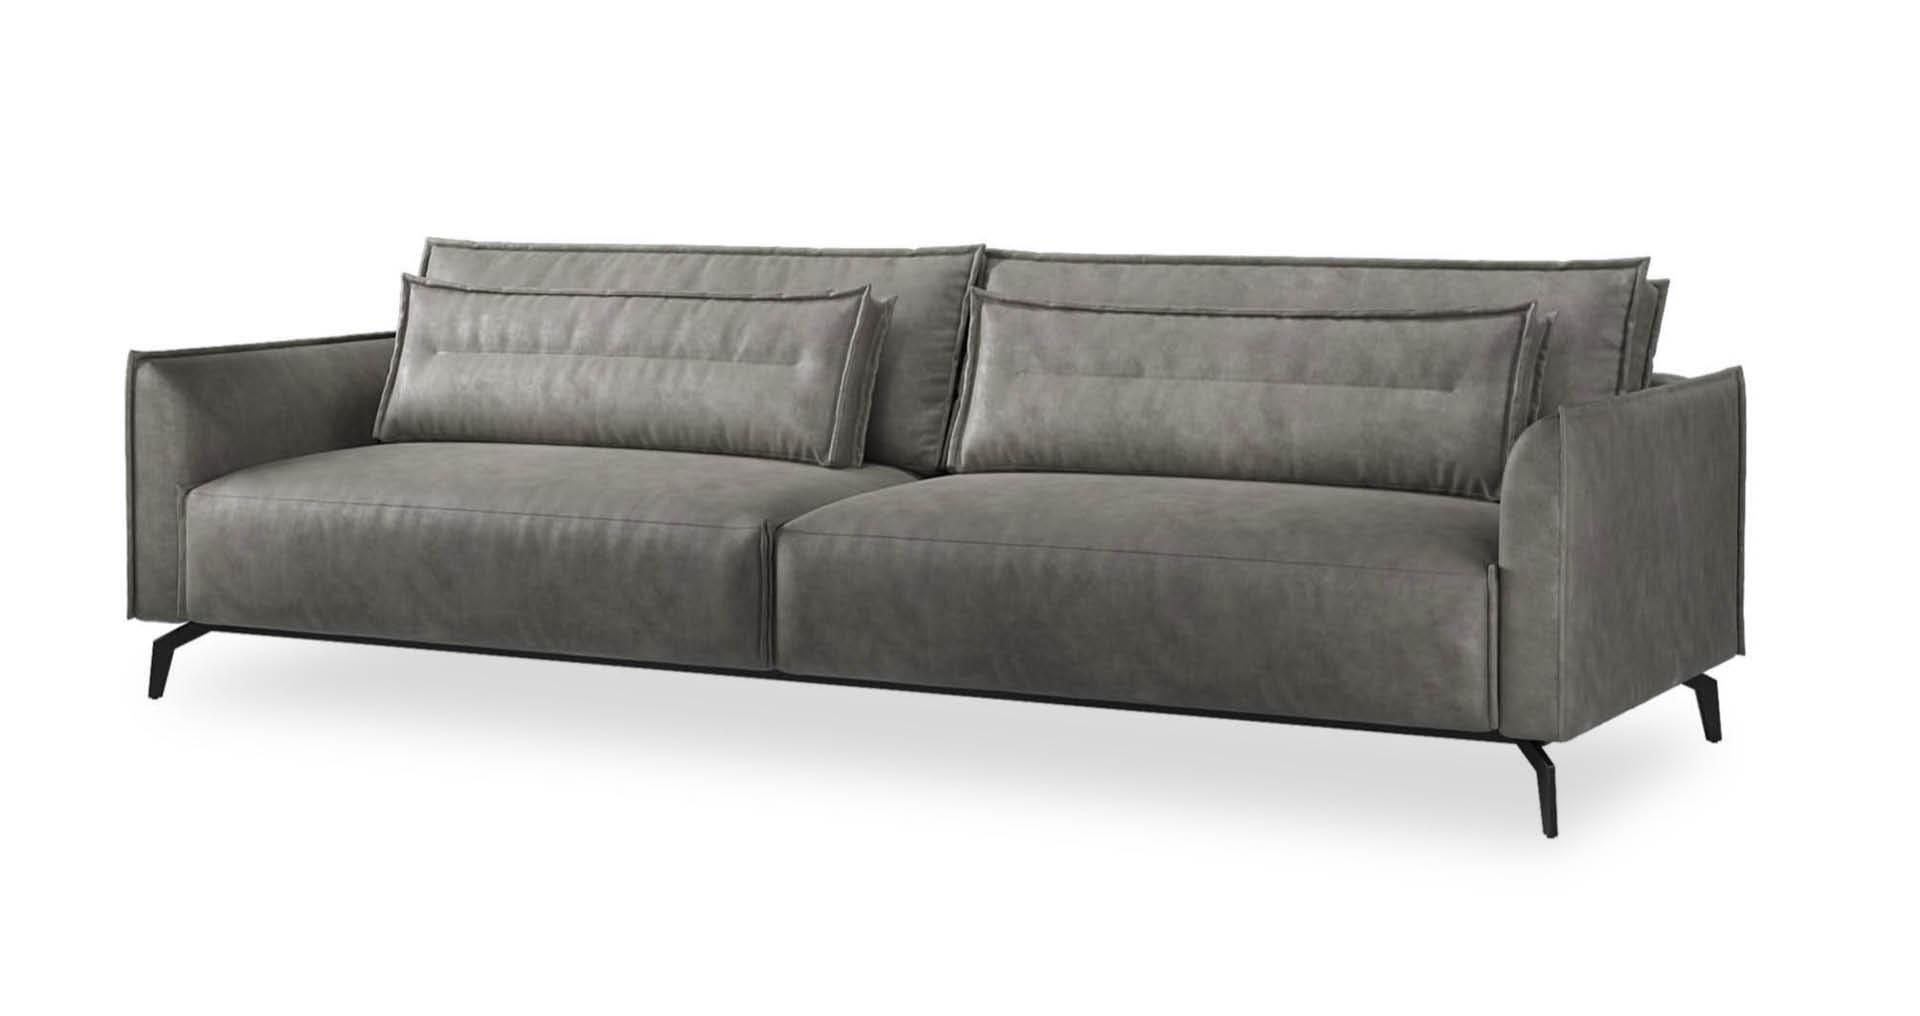 """ספה קרט 295 ס""""מ בגוון אפור פלדה"""